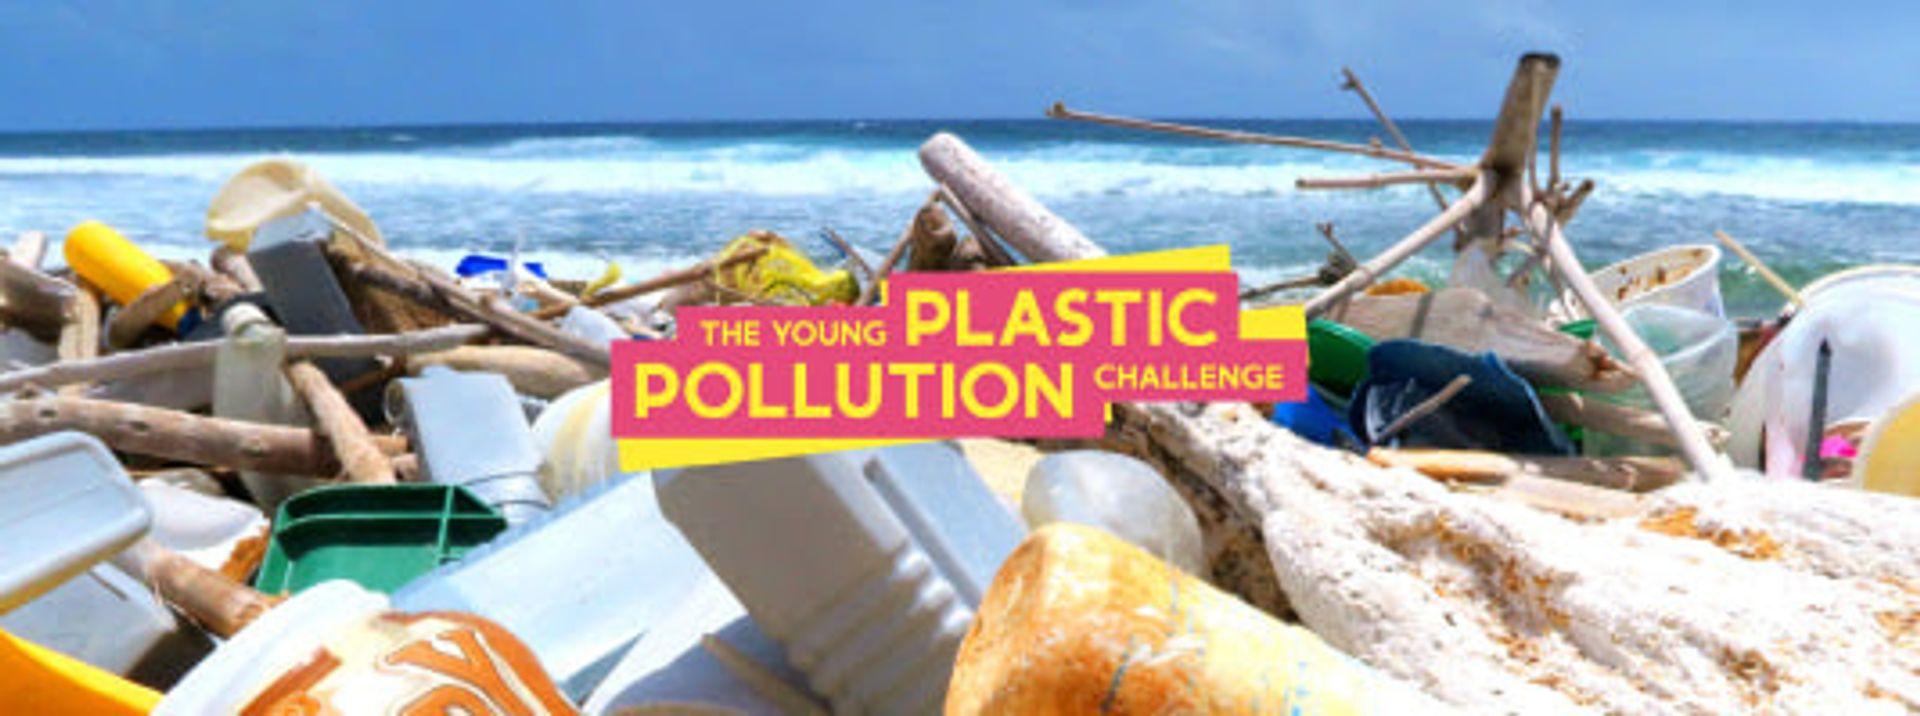 Briljante koppen verzamelen! Doe jij mee aan The Young Plastic Pollution Challenge?